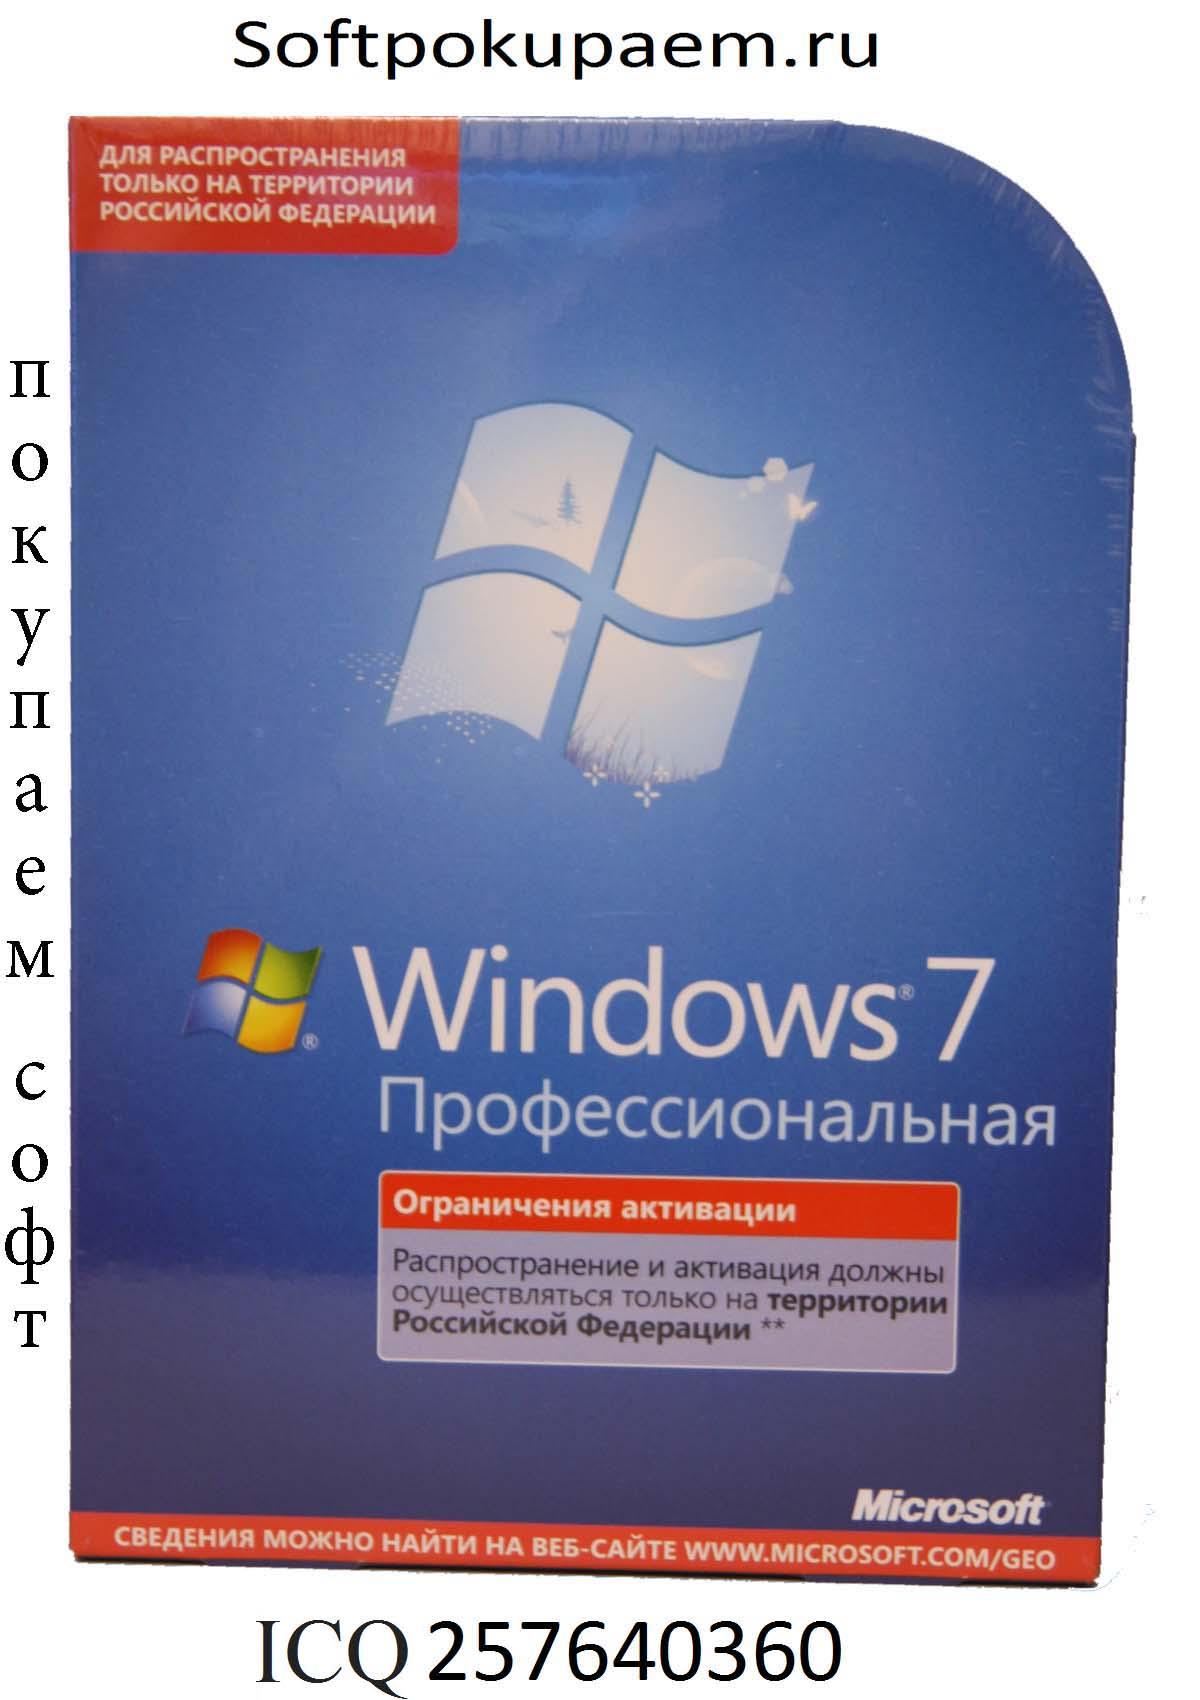 Microsoft (Майкрософт) купим оперативно